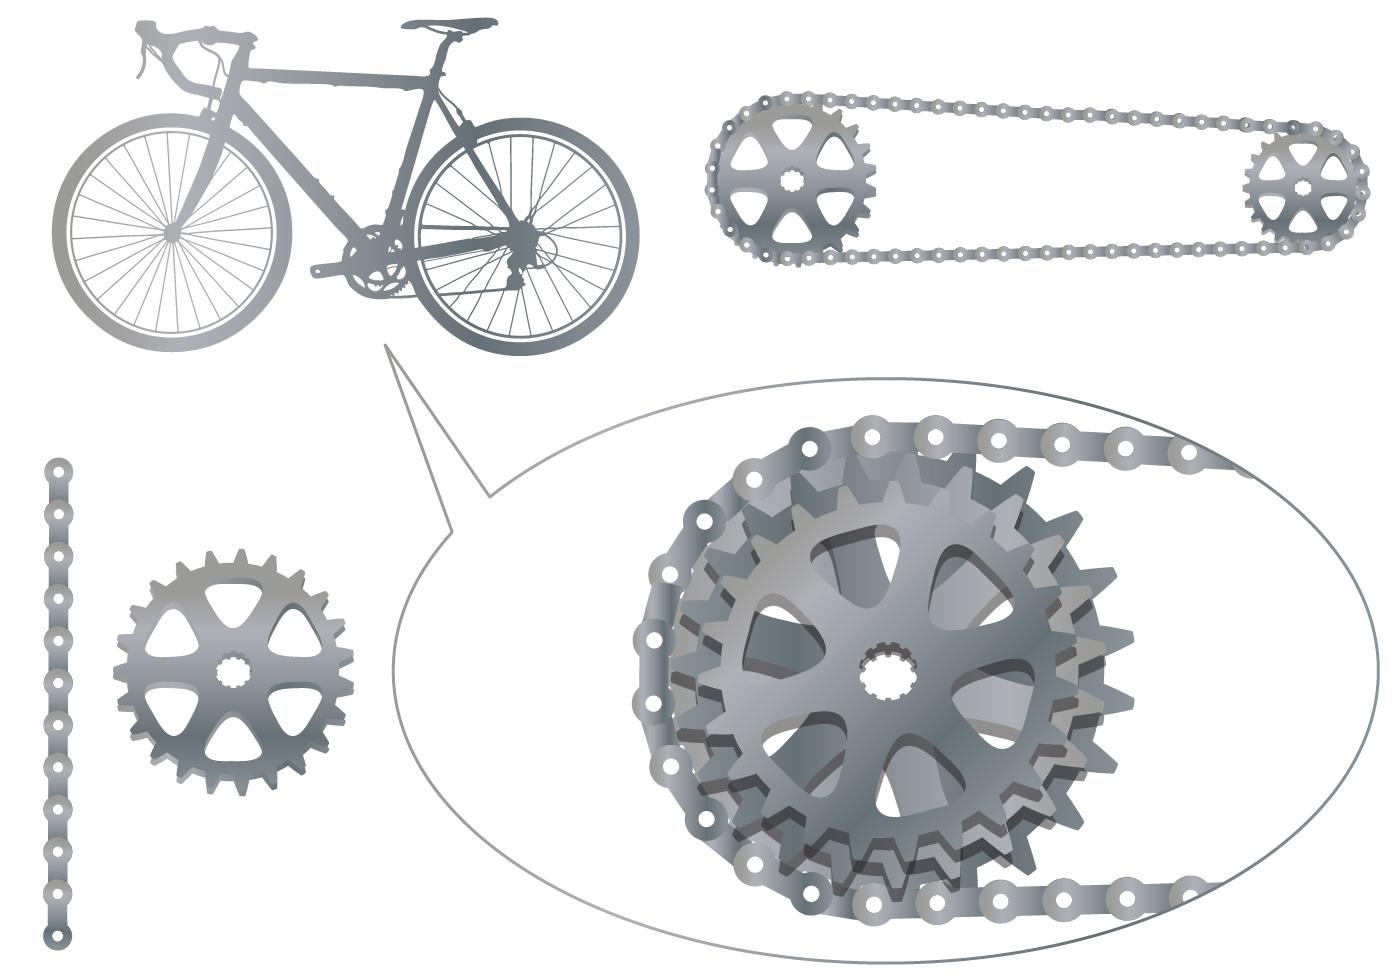 Bike Sprocket Vectors Download Free Vector Art Stock